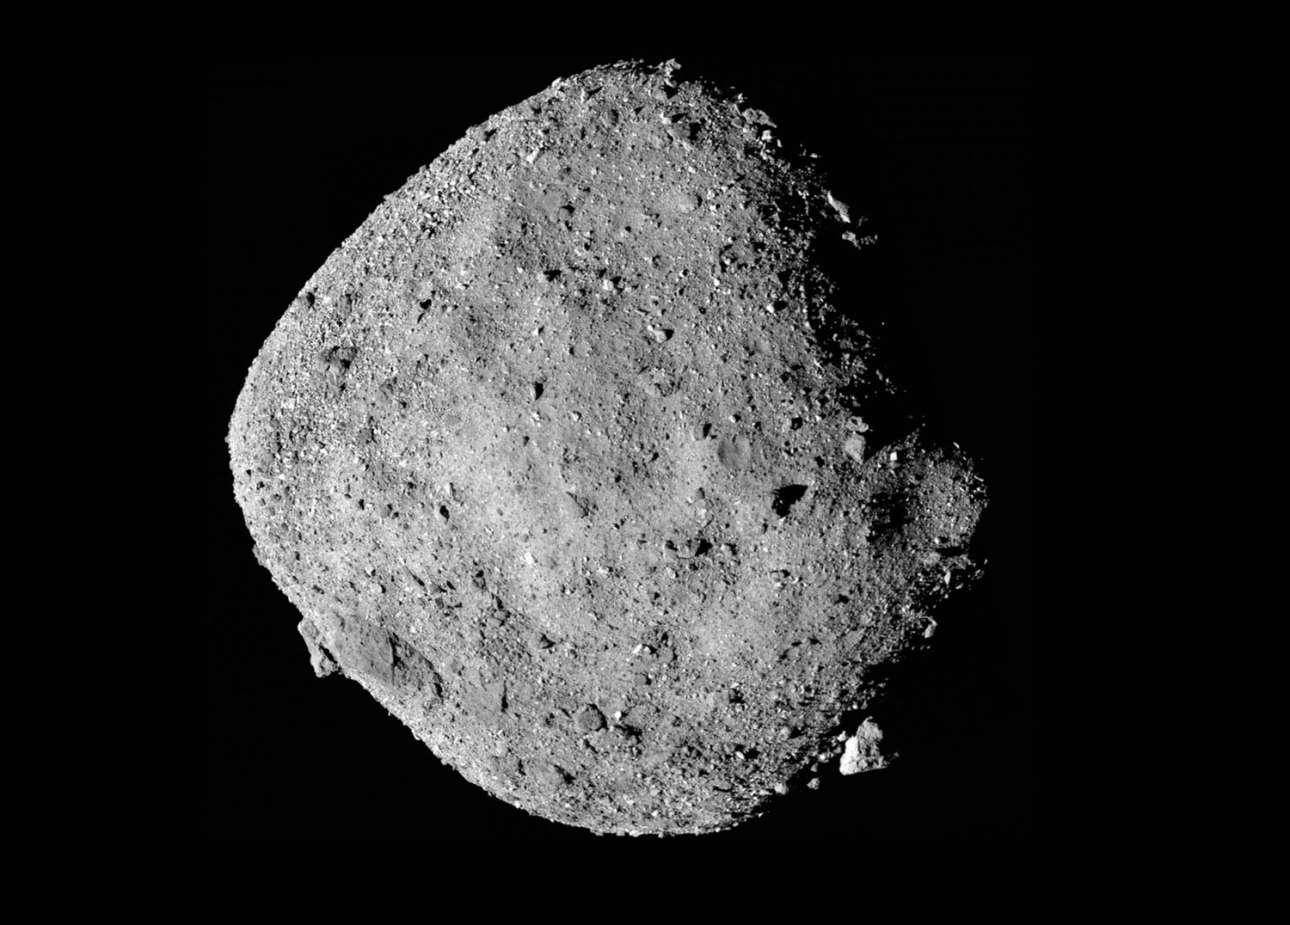 Μπορεί να φαίνεται μία, αλλά εδώ βλέπουμε 12 ενωμένες εικόνες του αστεροειδούς Bennu, που δημιουργούν ένα μοναδικό μωσαϊκό. Η φωτογράφιση έγινε από το διαστημικό σκάφος OSIRIS-REx στις 2 Δεκεμβρίου 2018. Πρόκειται για αστεροειδή που βρίσκεται εξαιρετικά κοντά στη Γη